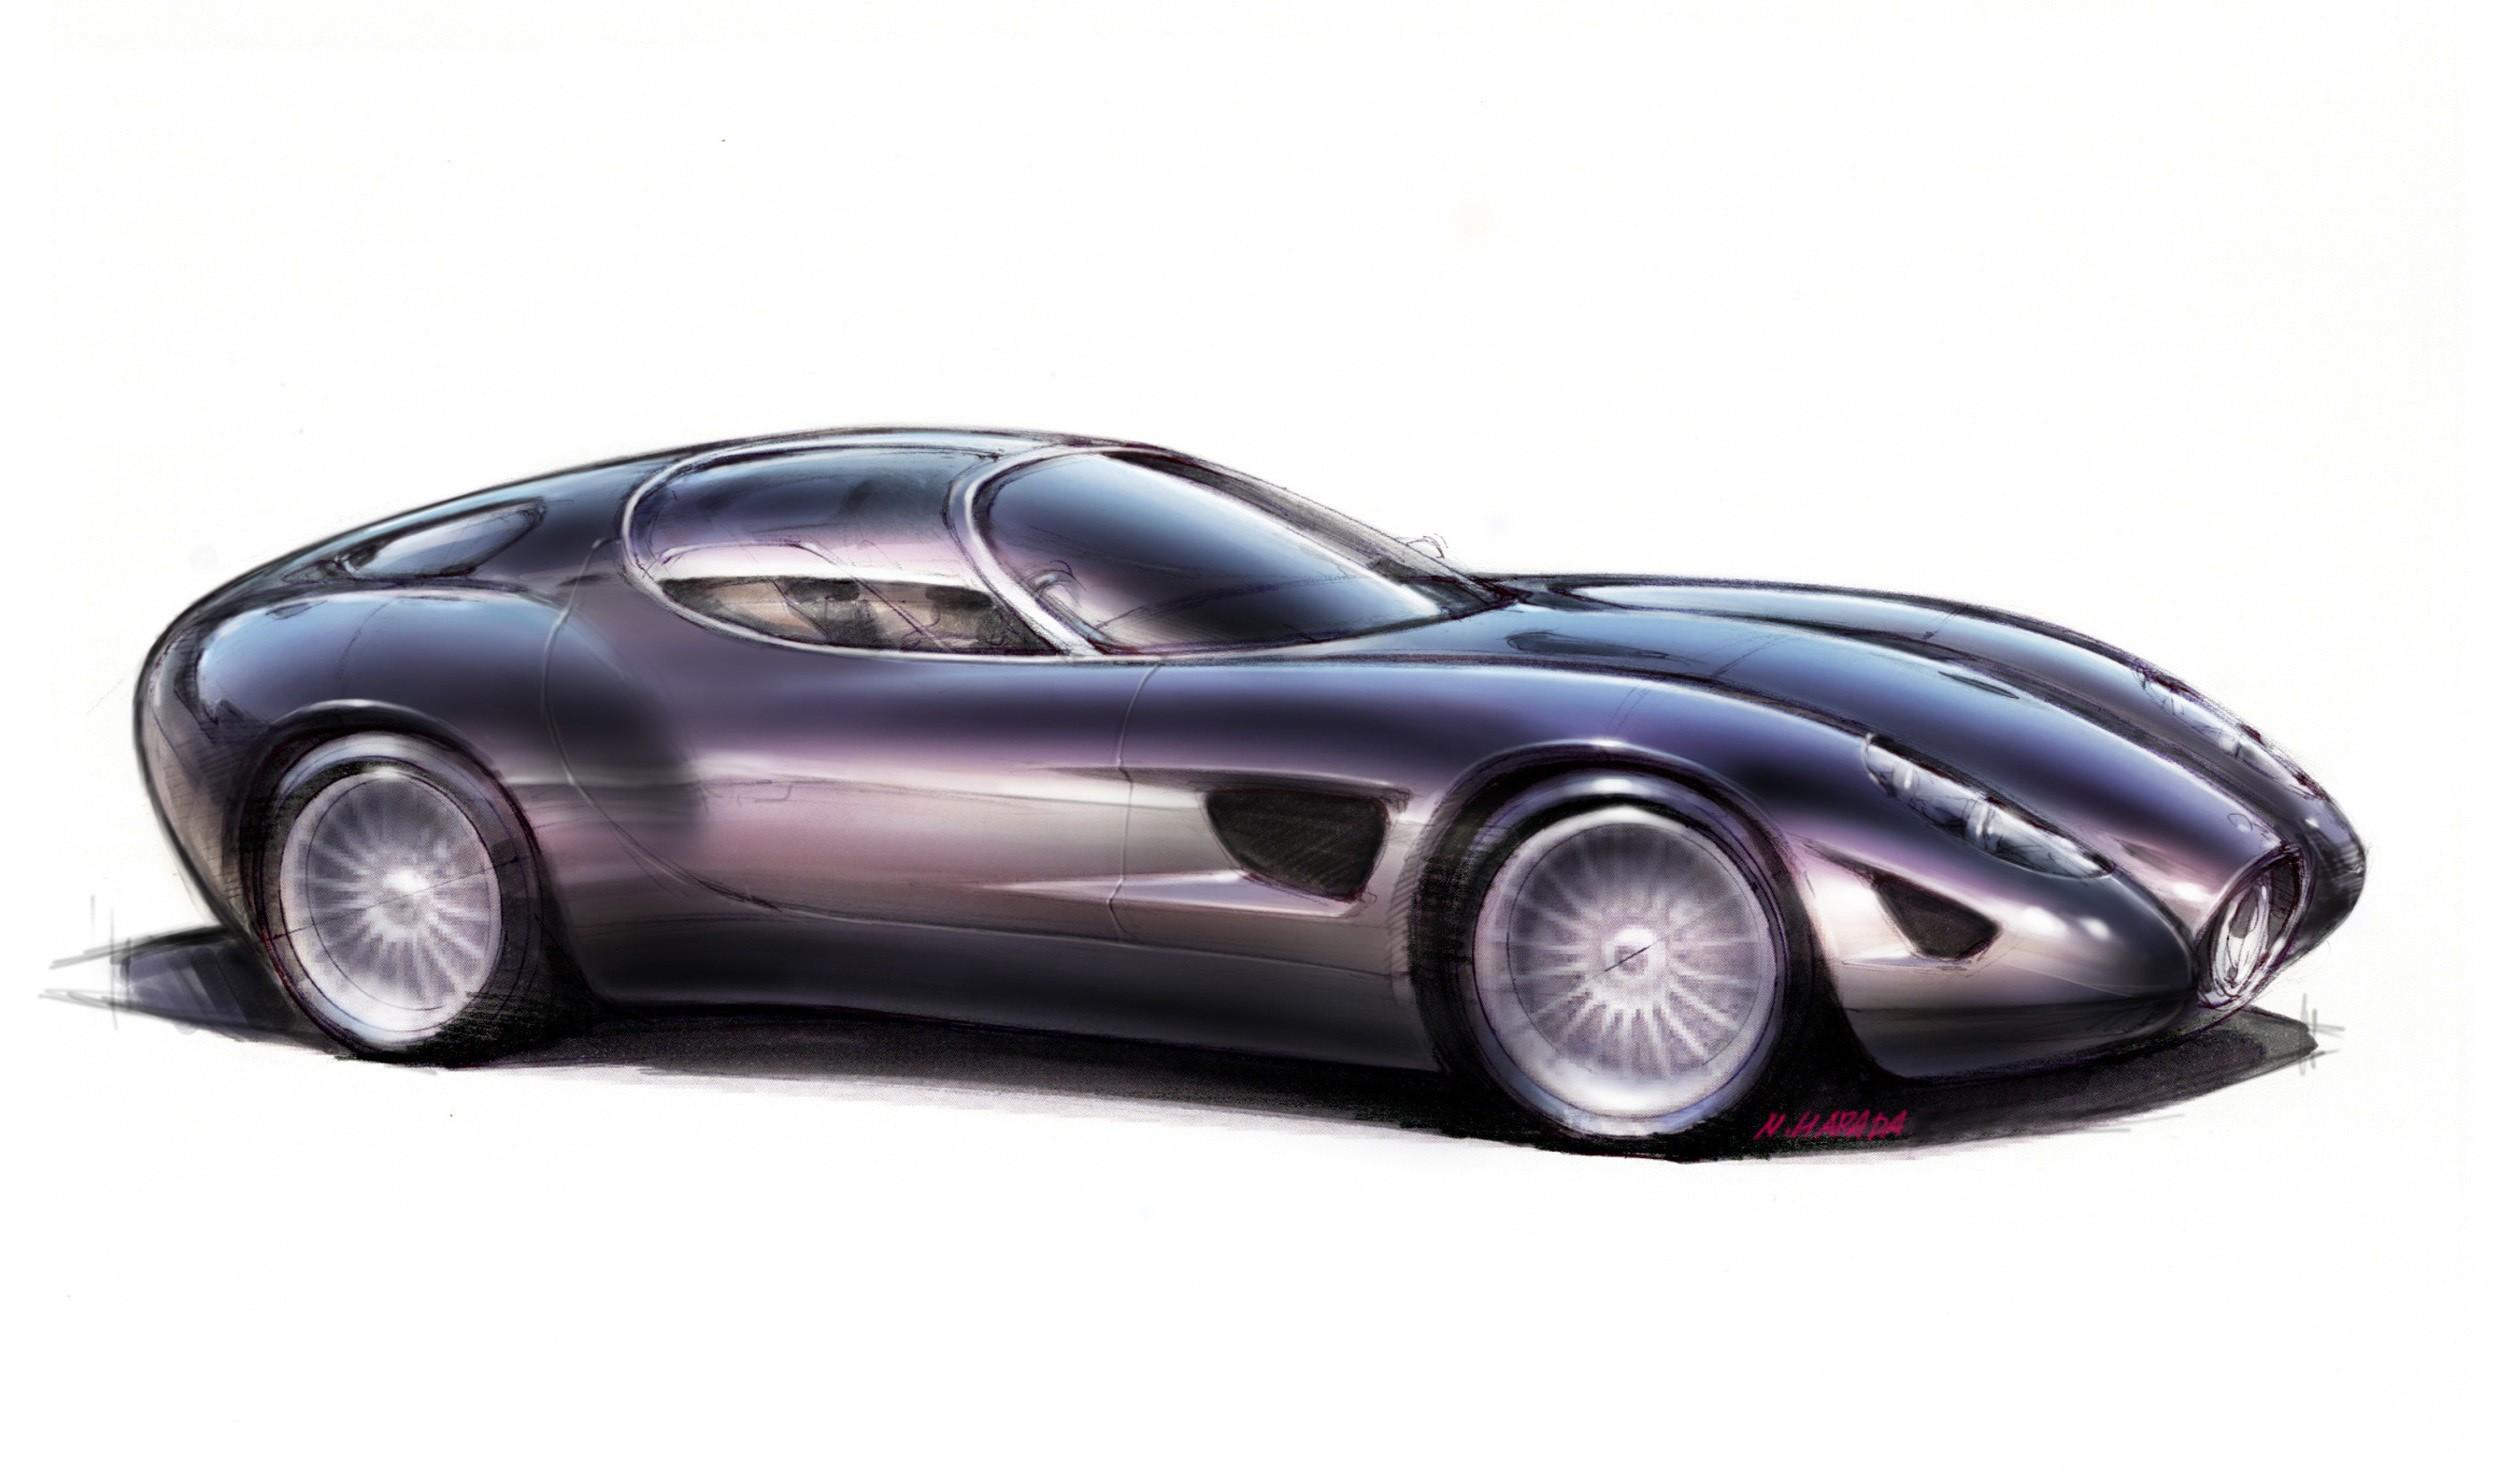 Zagato Maserati Mostro Revs Its V8 During 2015 Concorso D Eleganza Autoevolution